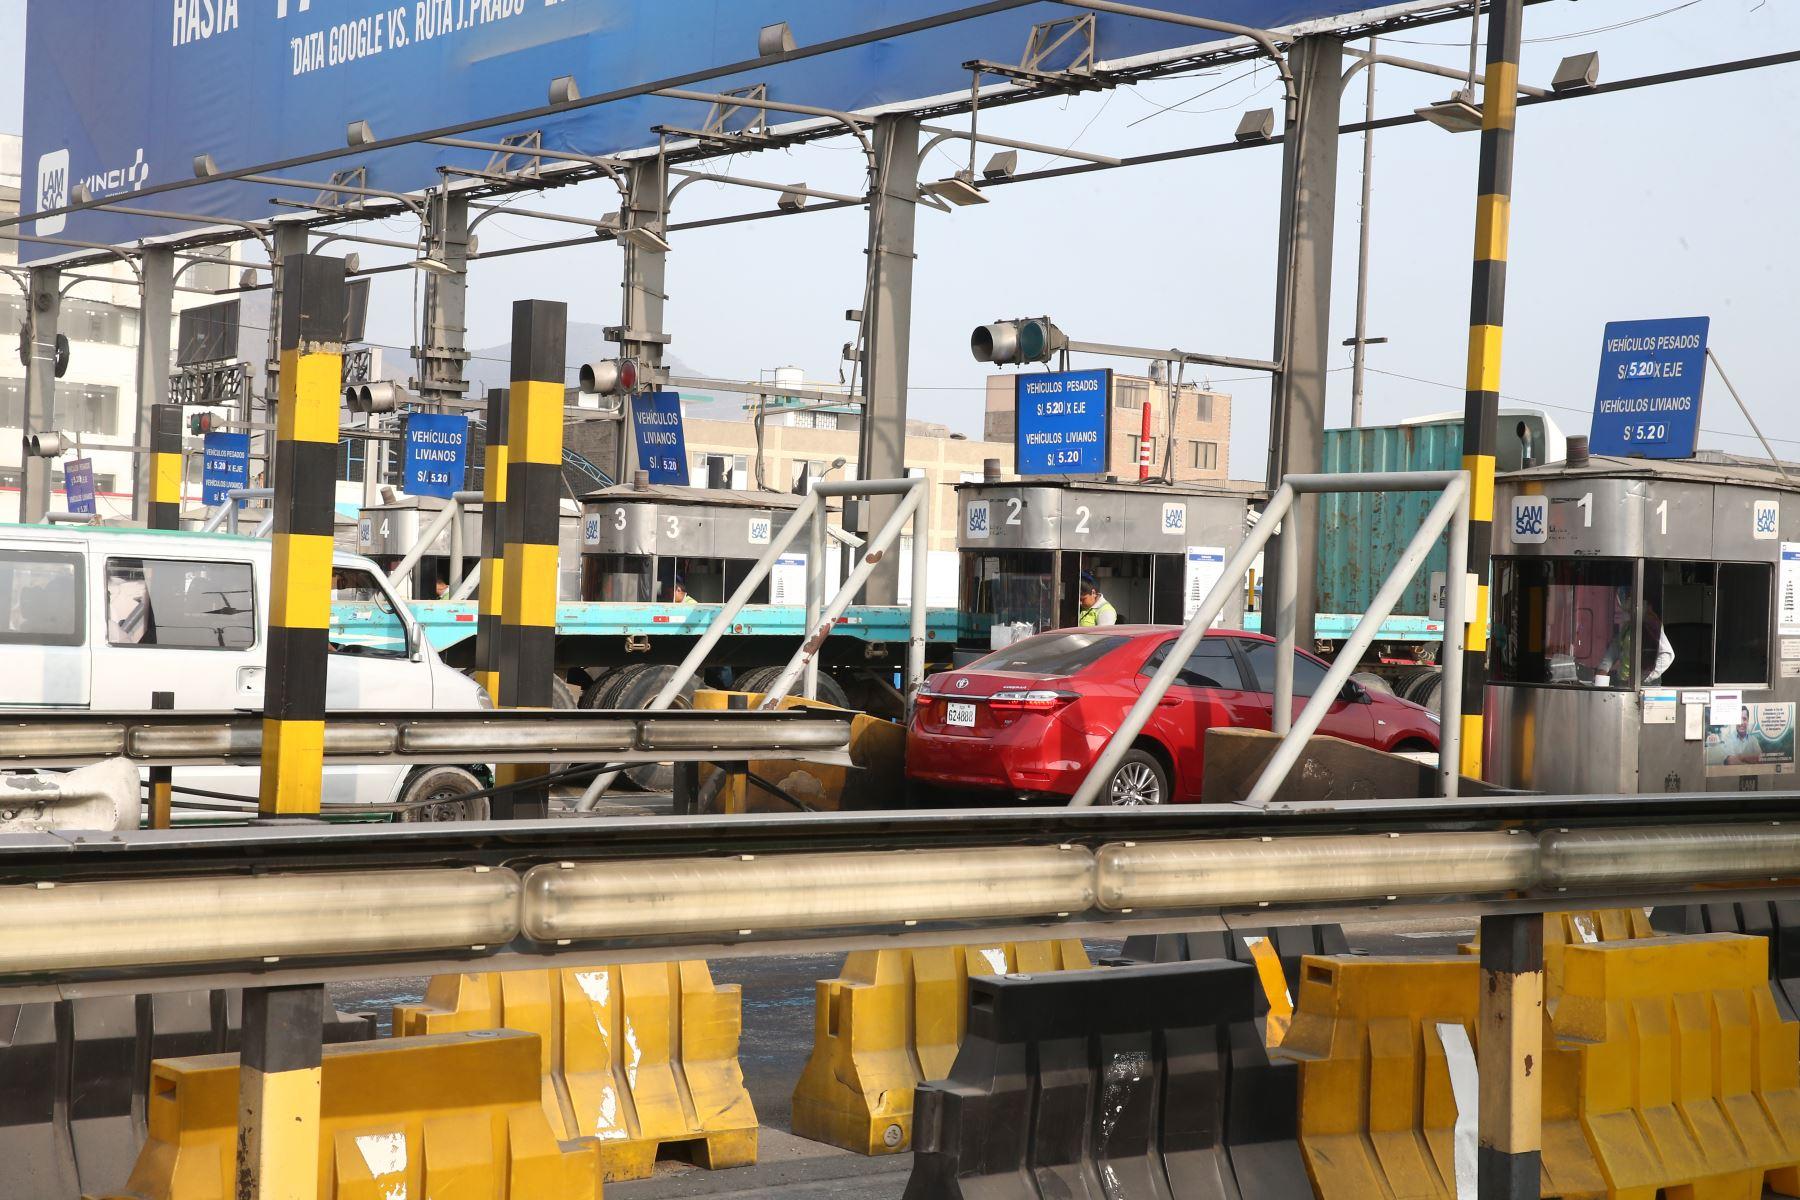 La tarifa del peaje de la Línea Amarilla ha sido fijada en 5.20 soles. Foto: ANDINA/Vidal Tarqui